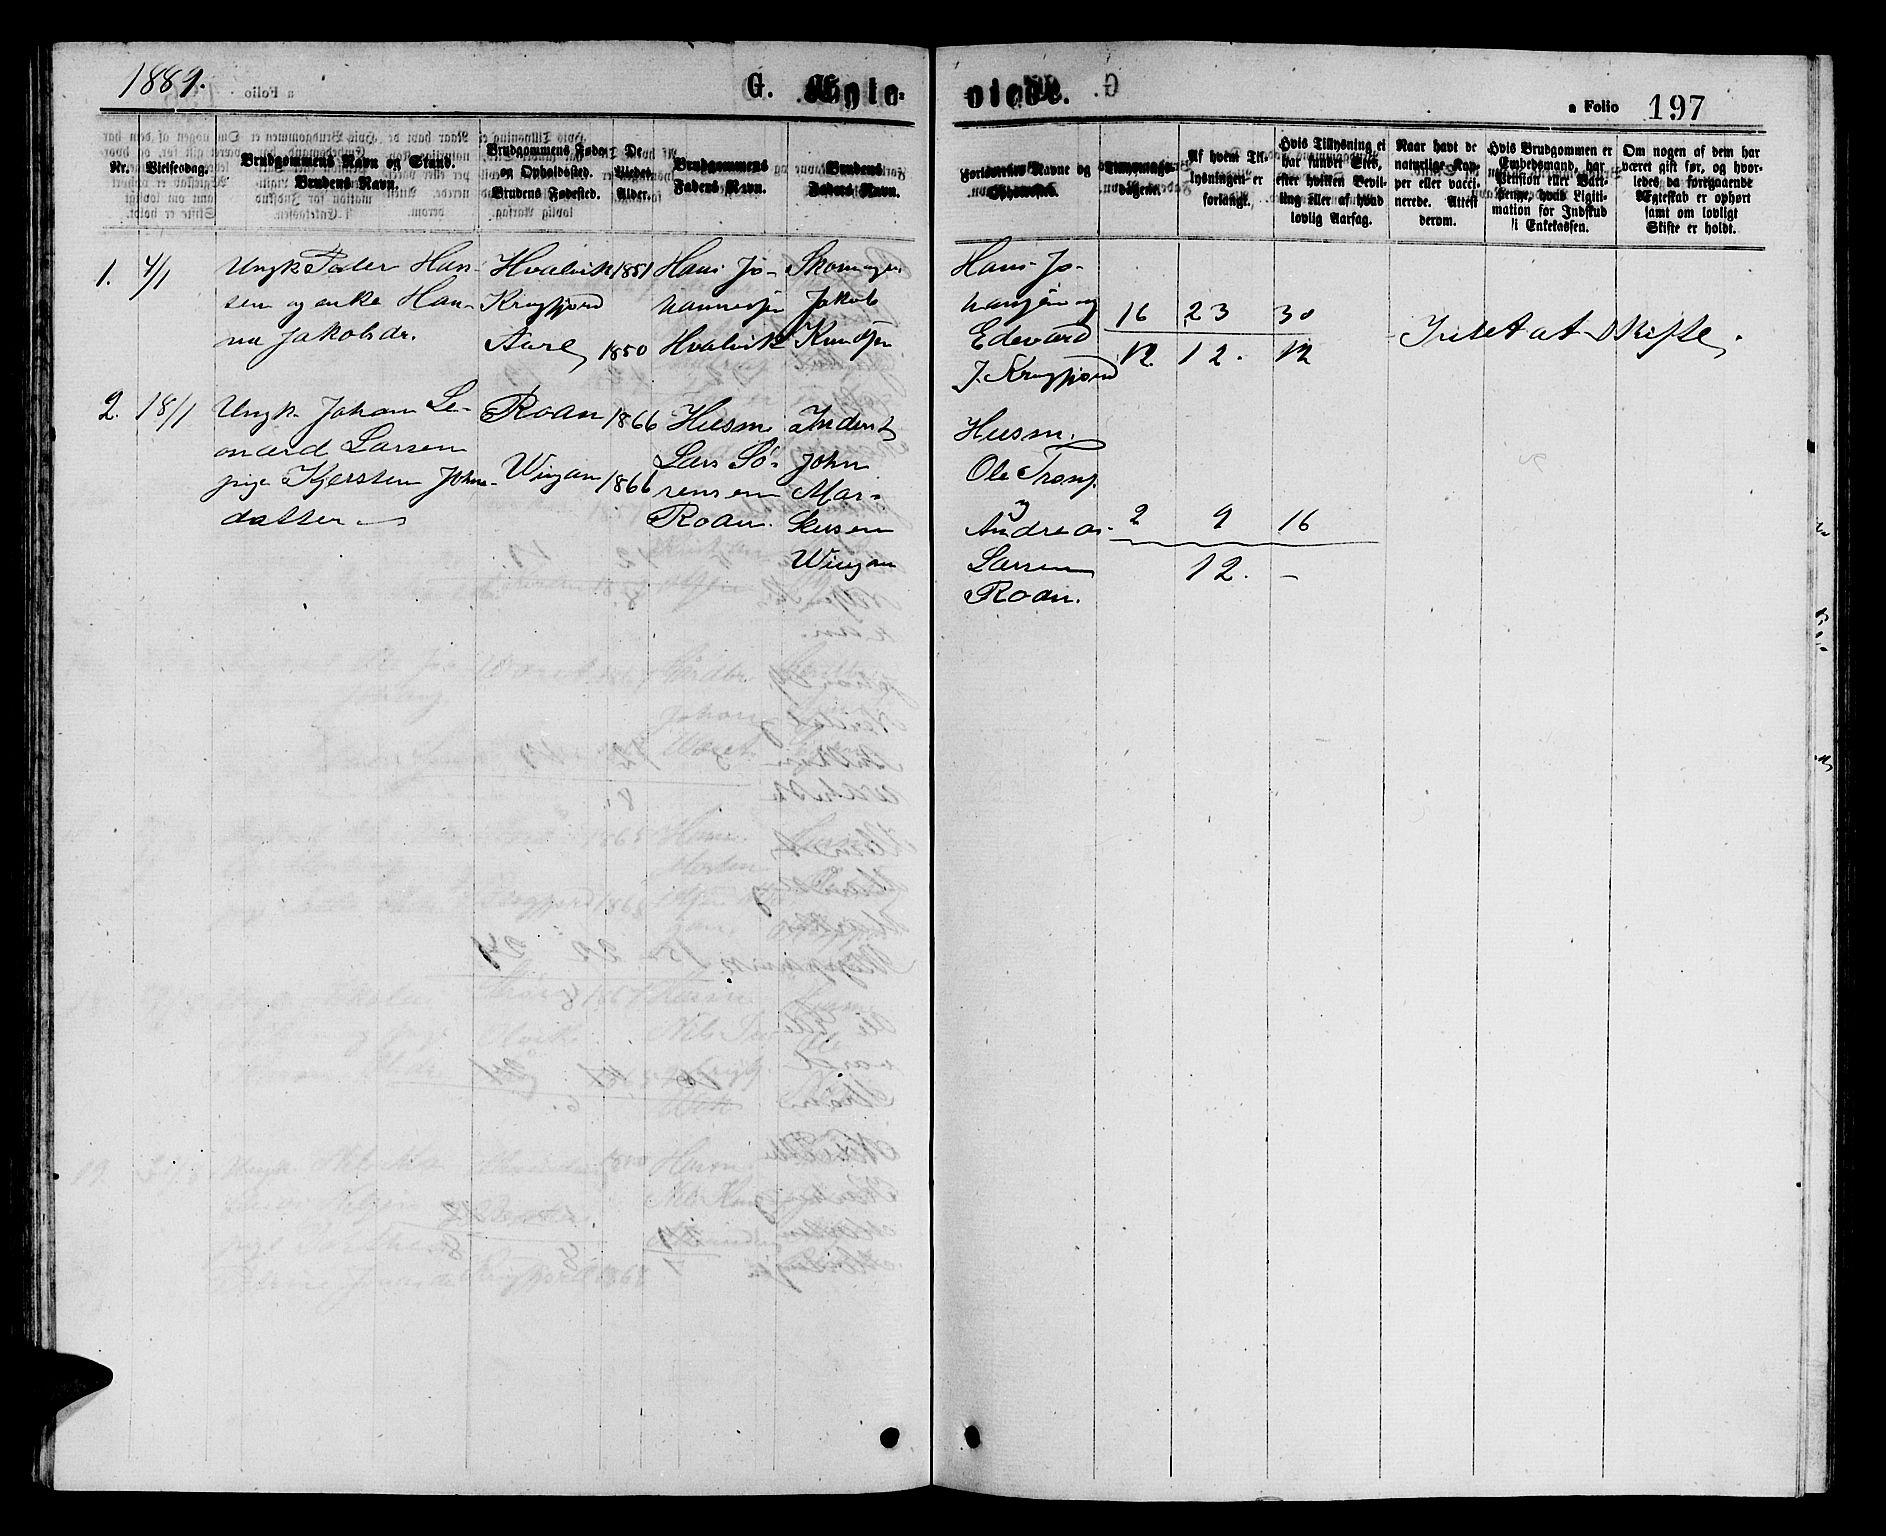 SAT, Ministerialprotokoller, klokkerbøker og fødselsregistre - Sør-Trøndelag, 657/L0715: Klokkerbok nr. 657C02, 1873-1888, s. 197